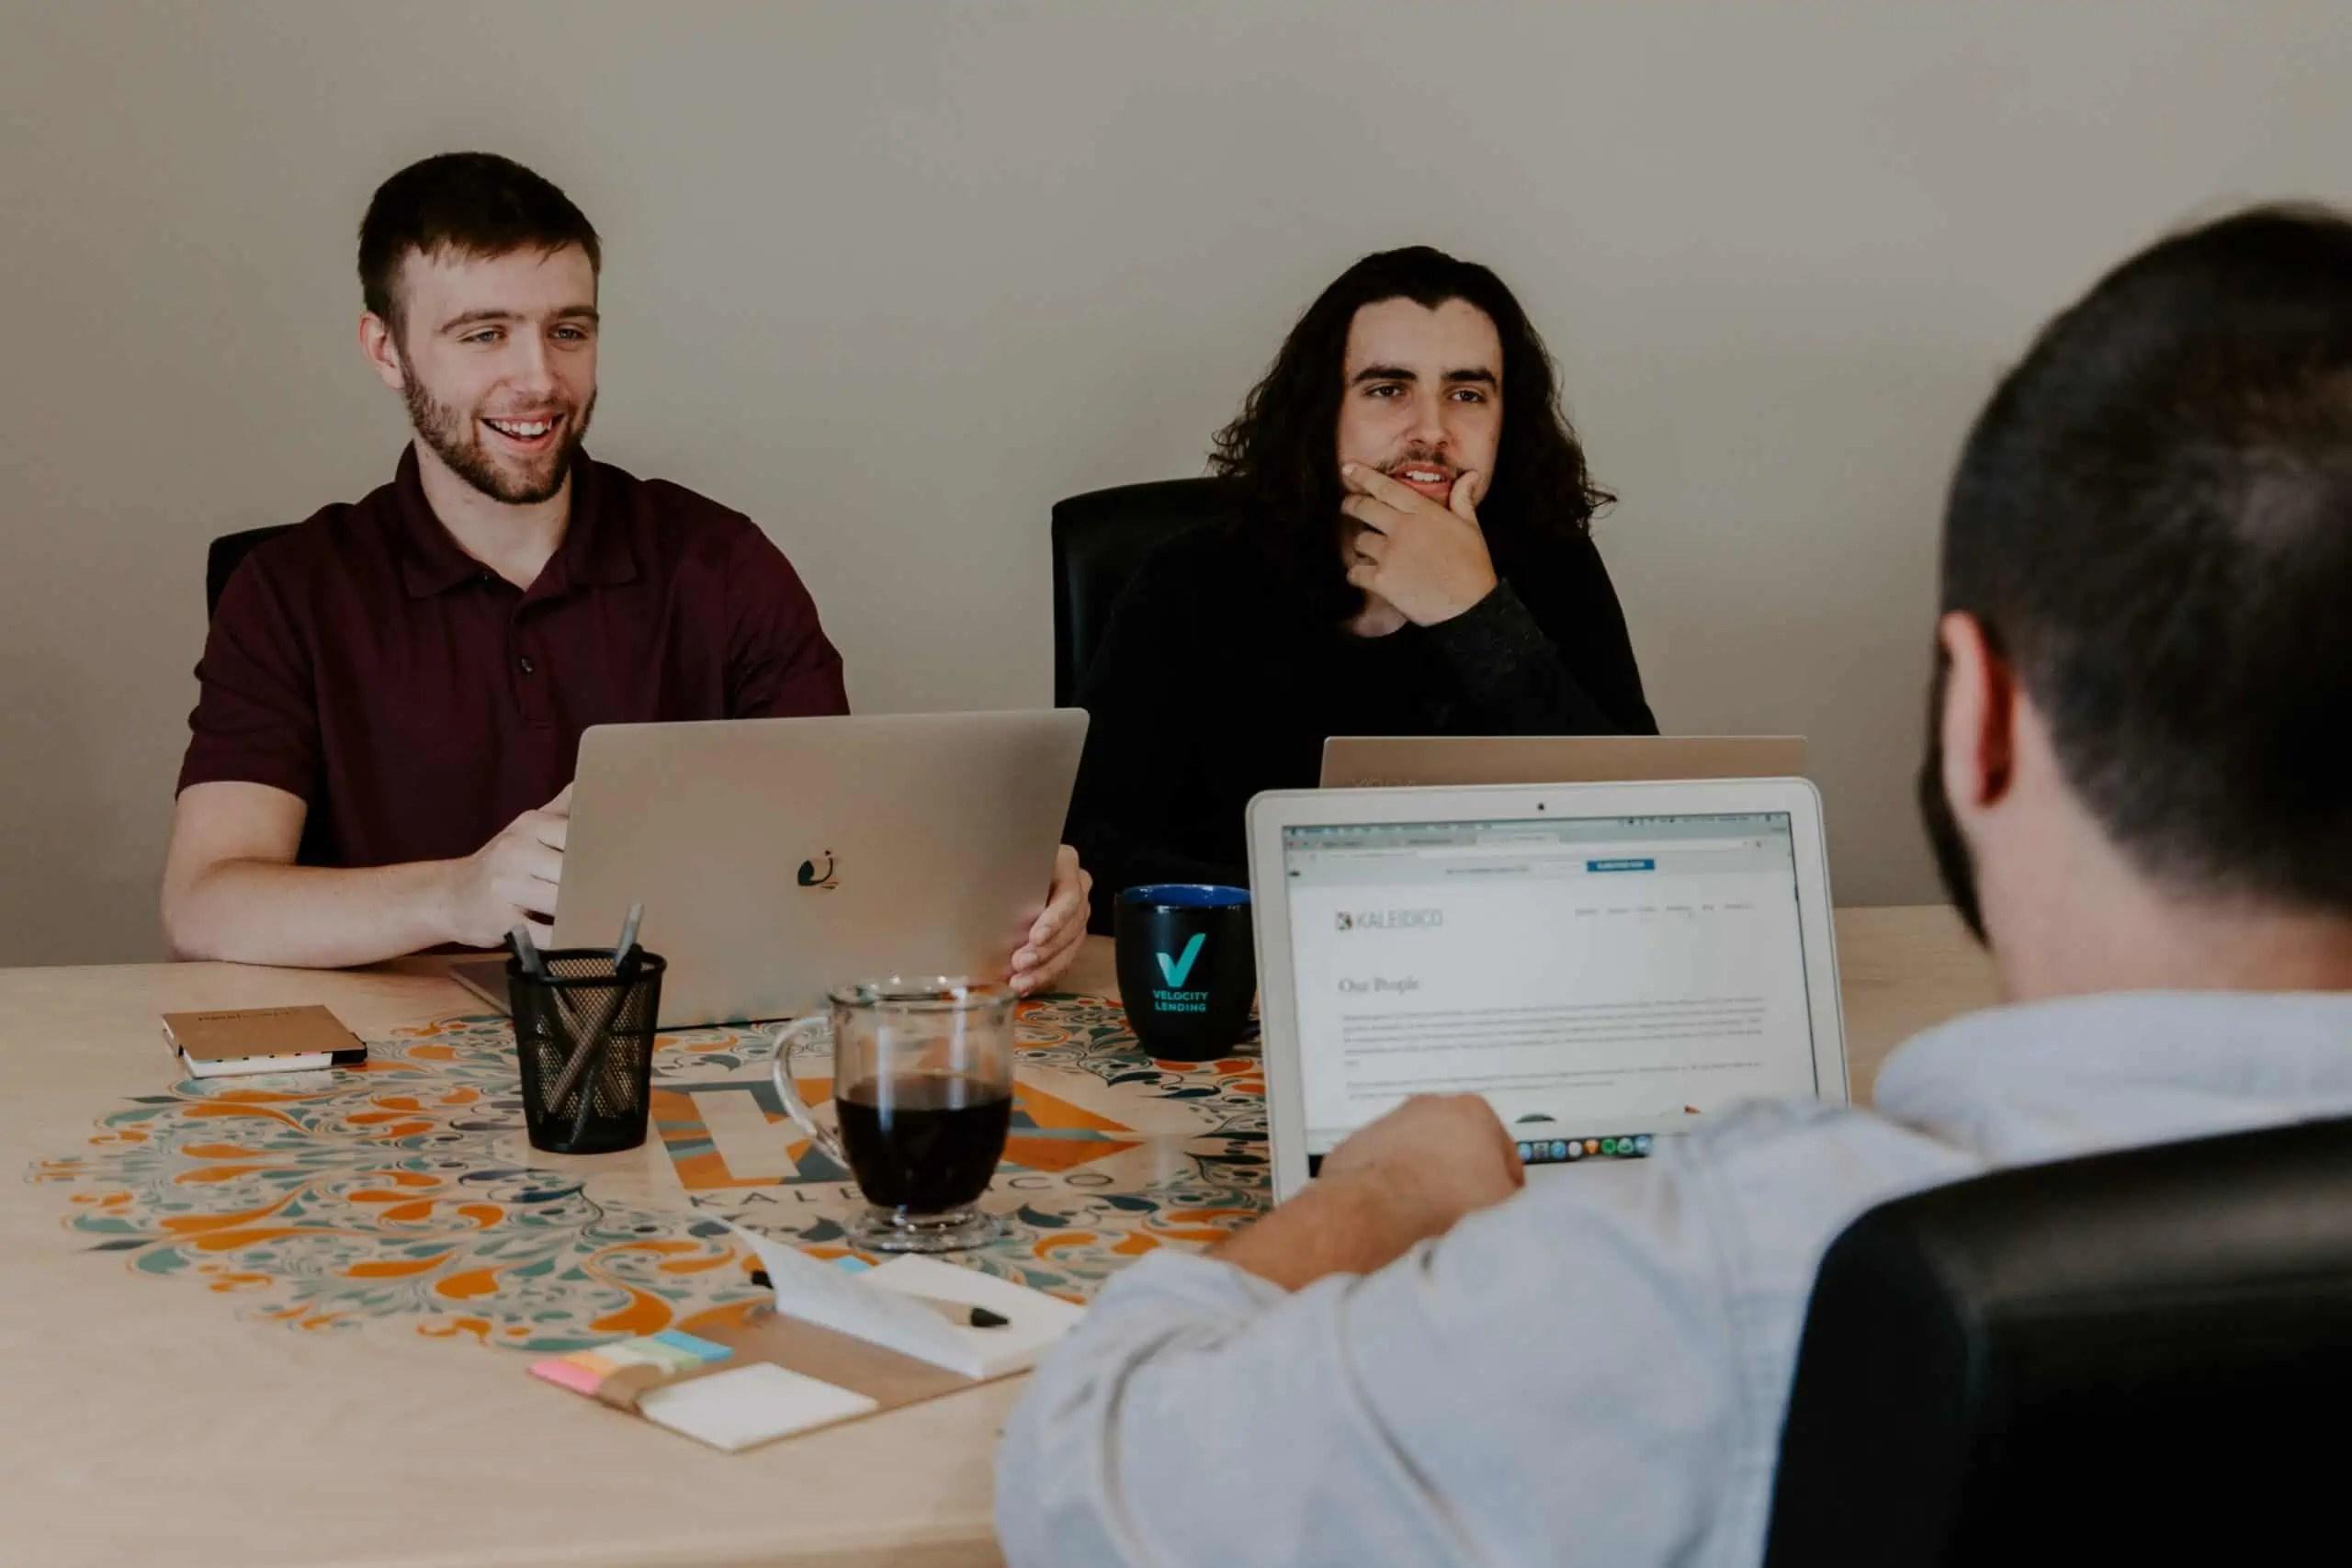 איך מנהלים ישיבת הנהלה בצורה אפקטיבית?